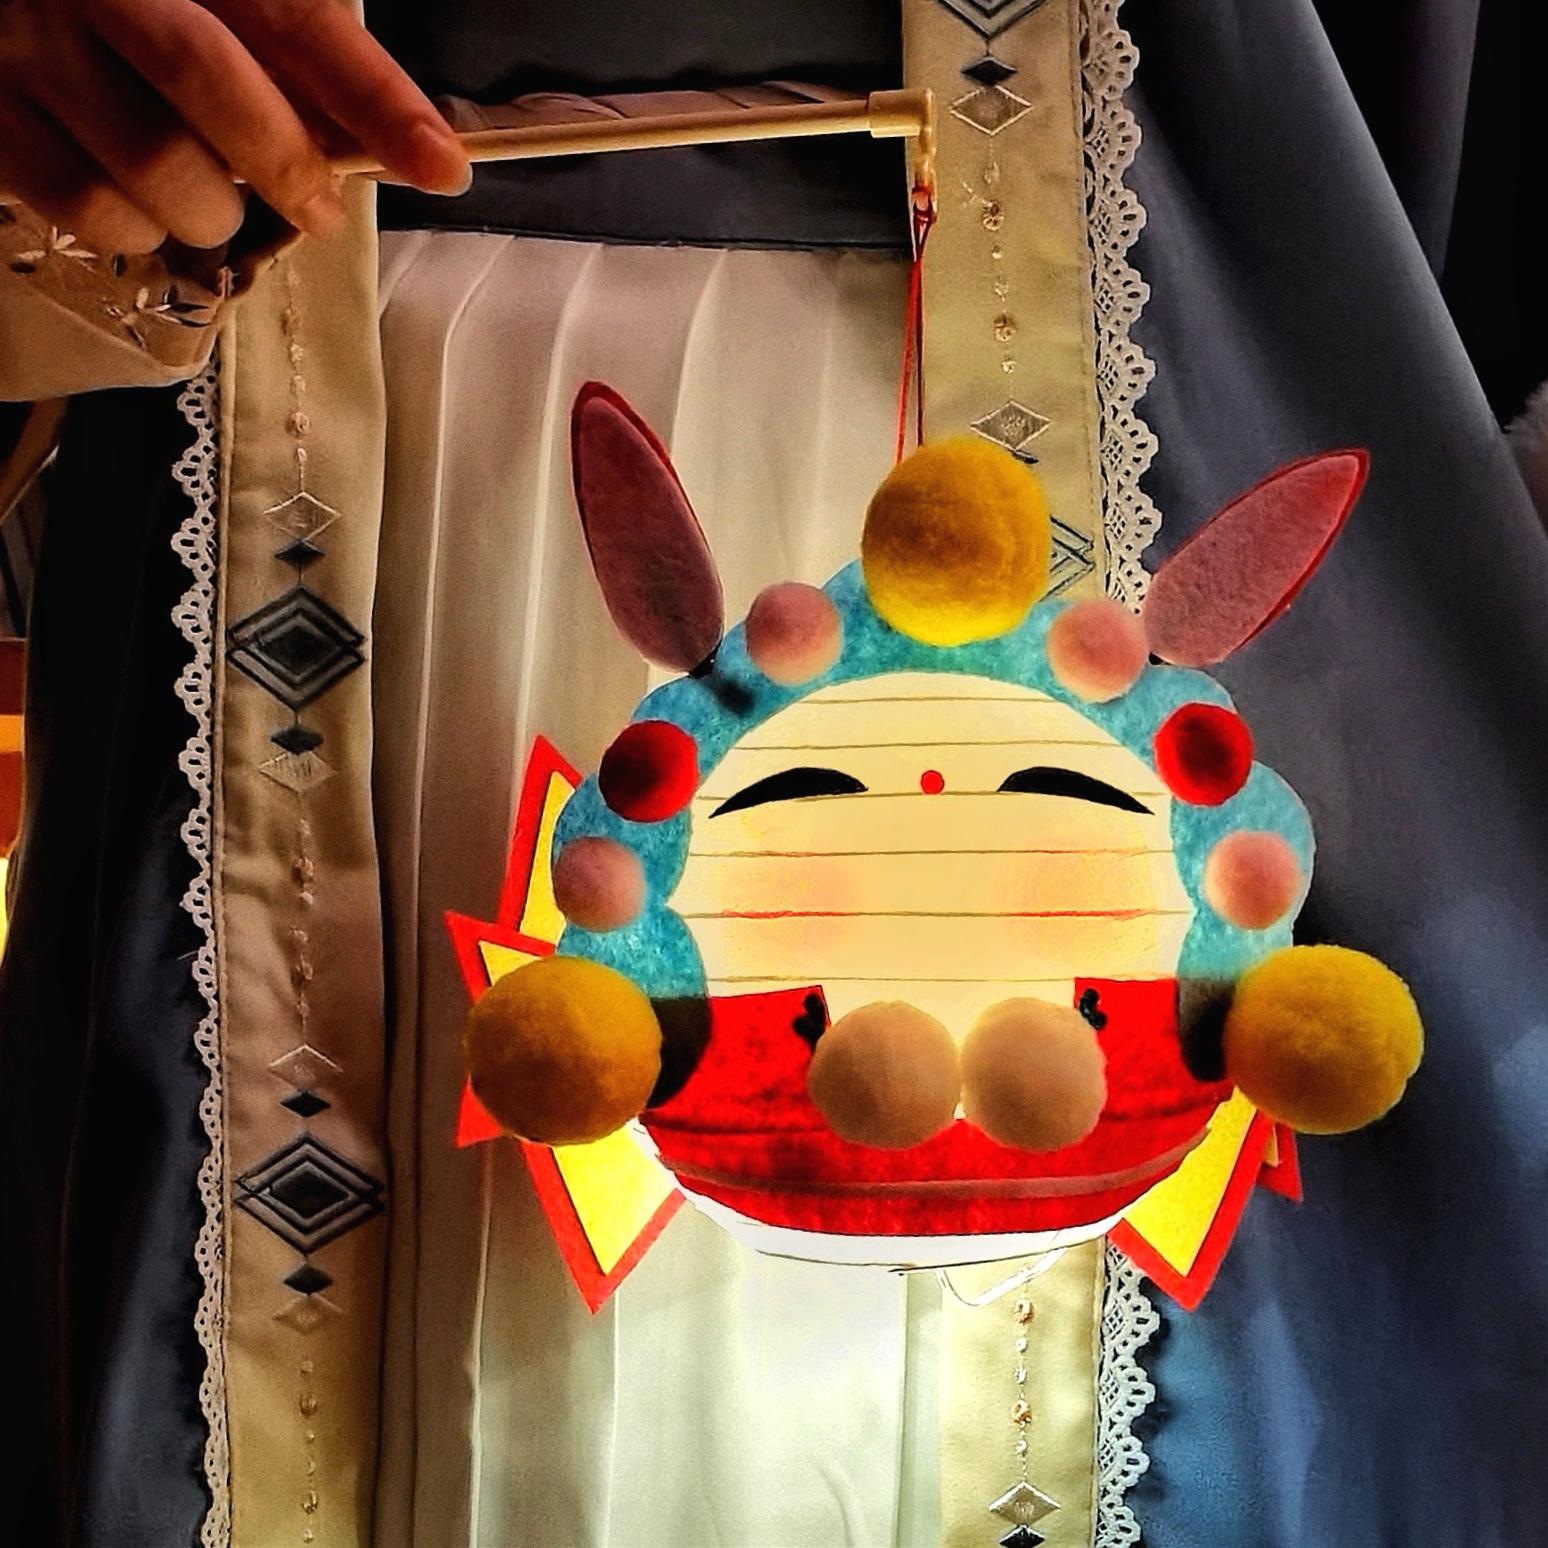 中秋节灯笼diy diy灯笼材料包 创意手工灯笼 中国风汉服手提灯笼